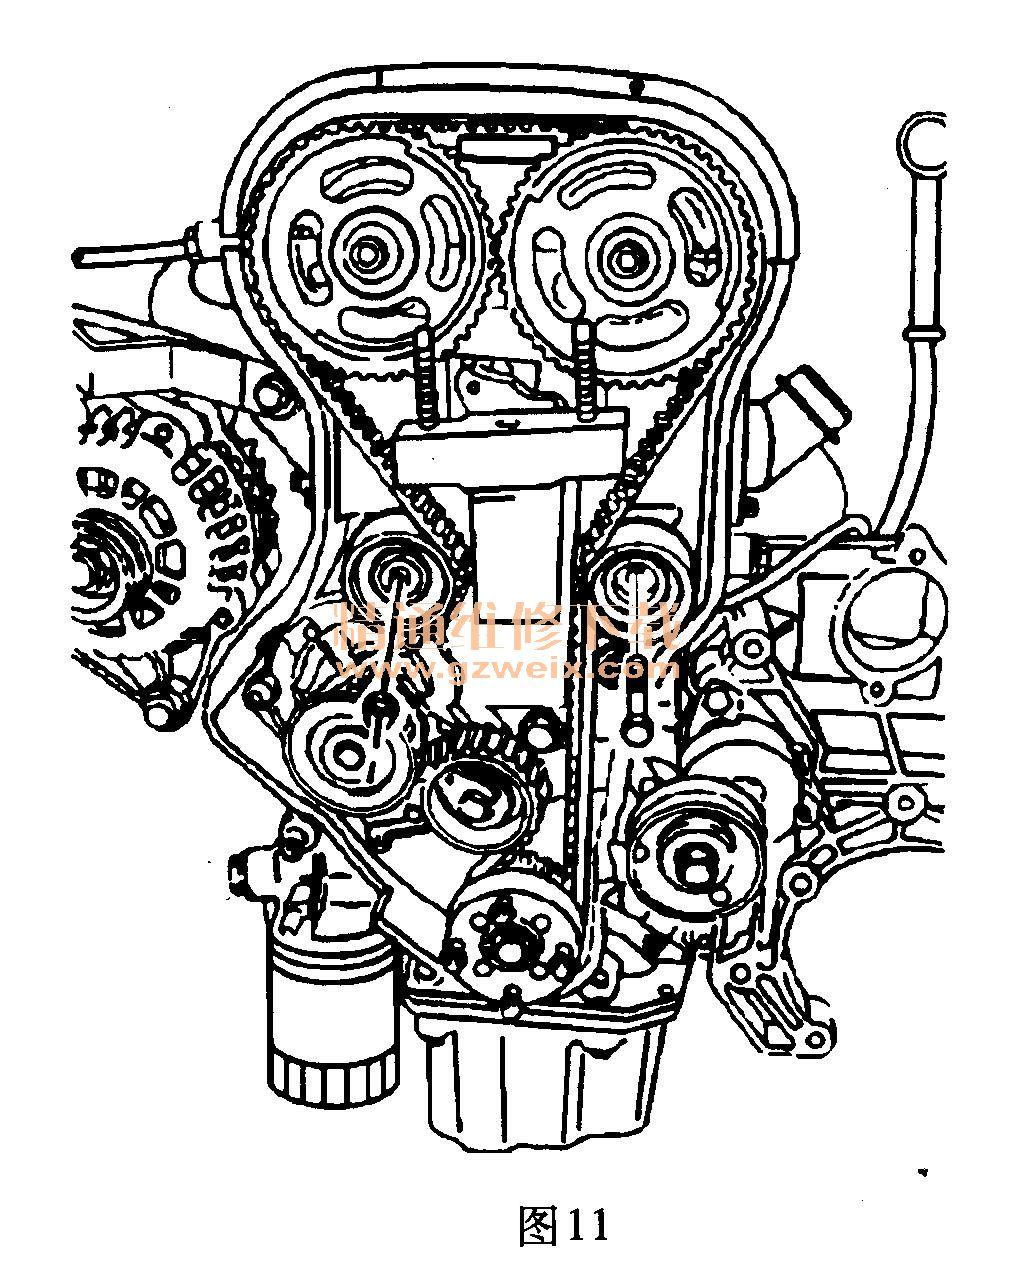 别克凯越(1. 8l l79)发动机正时校对方法